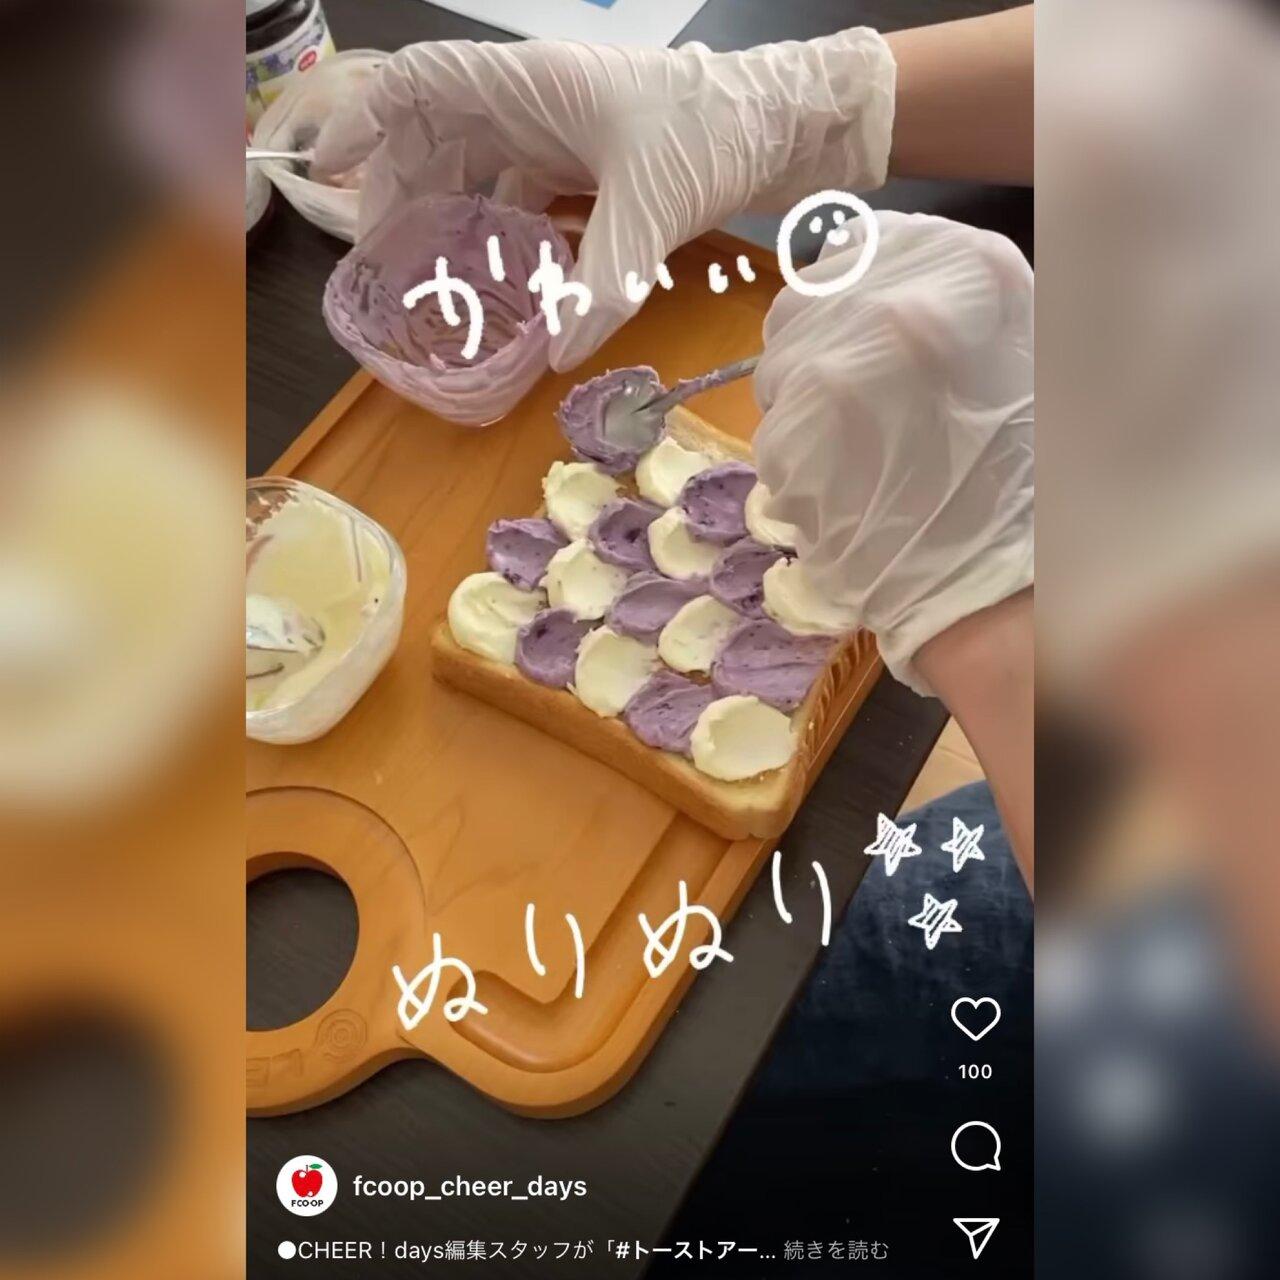 エフコープ公式Instagramにて「ウェーブトースト」動画公開中!